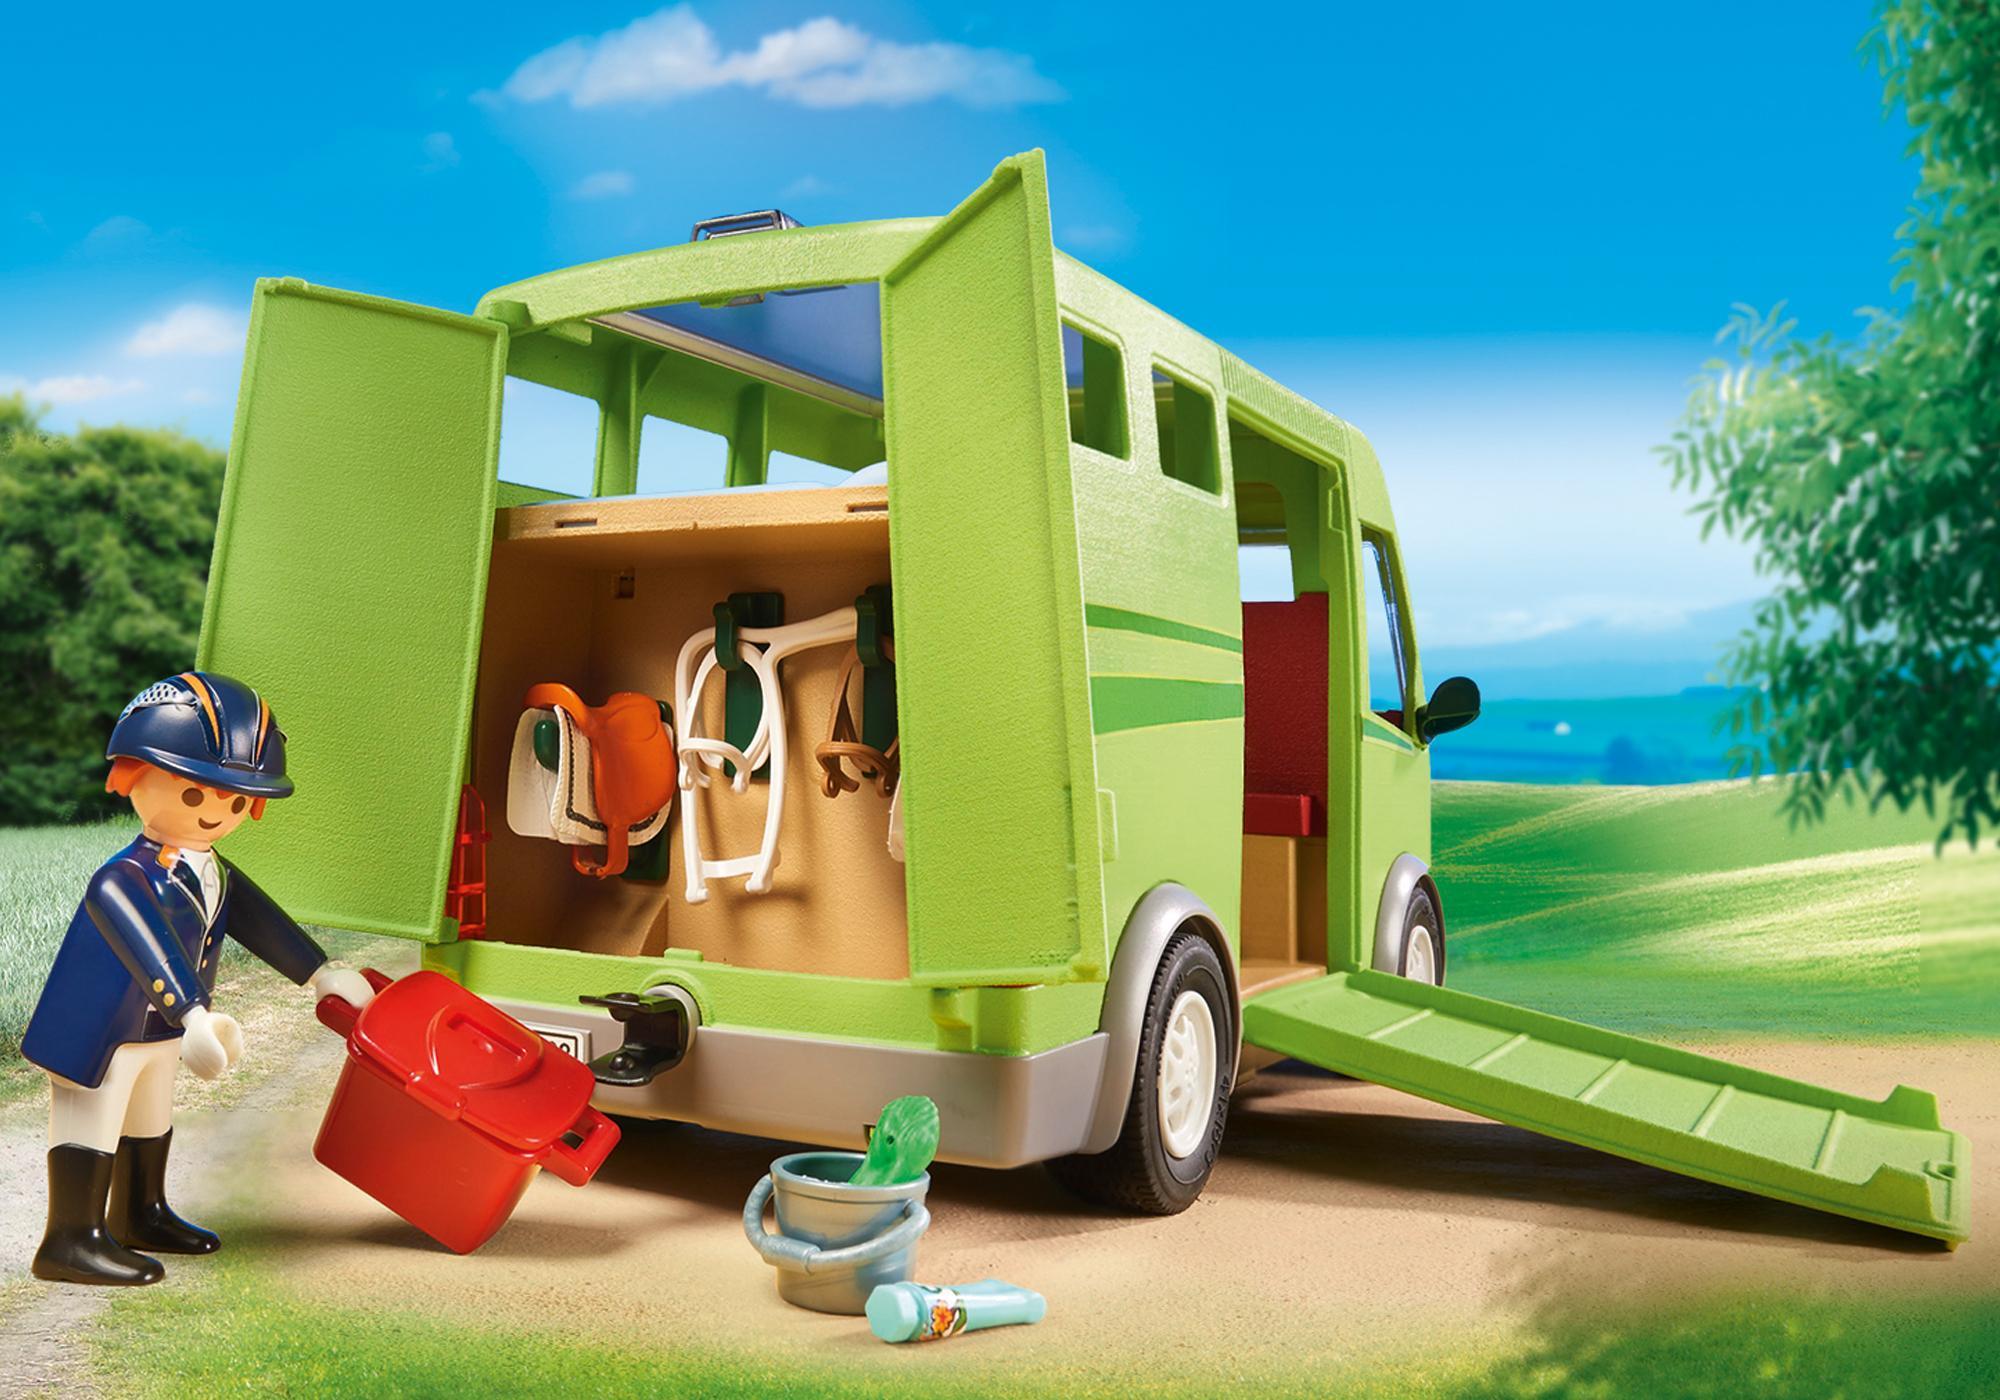 Pferdetransporter 6928 Playmobil 174 Deutschland